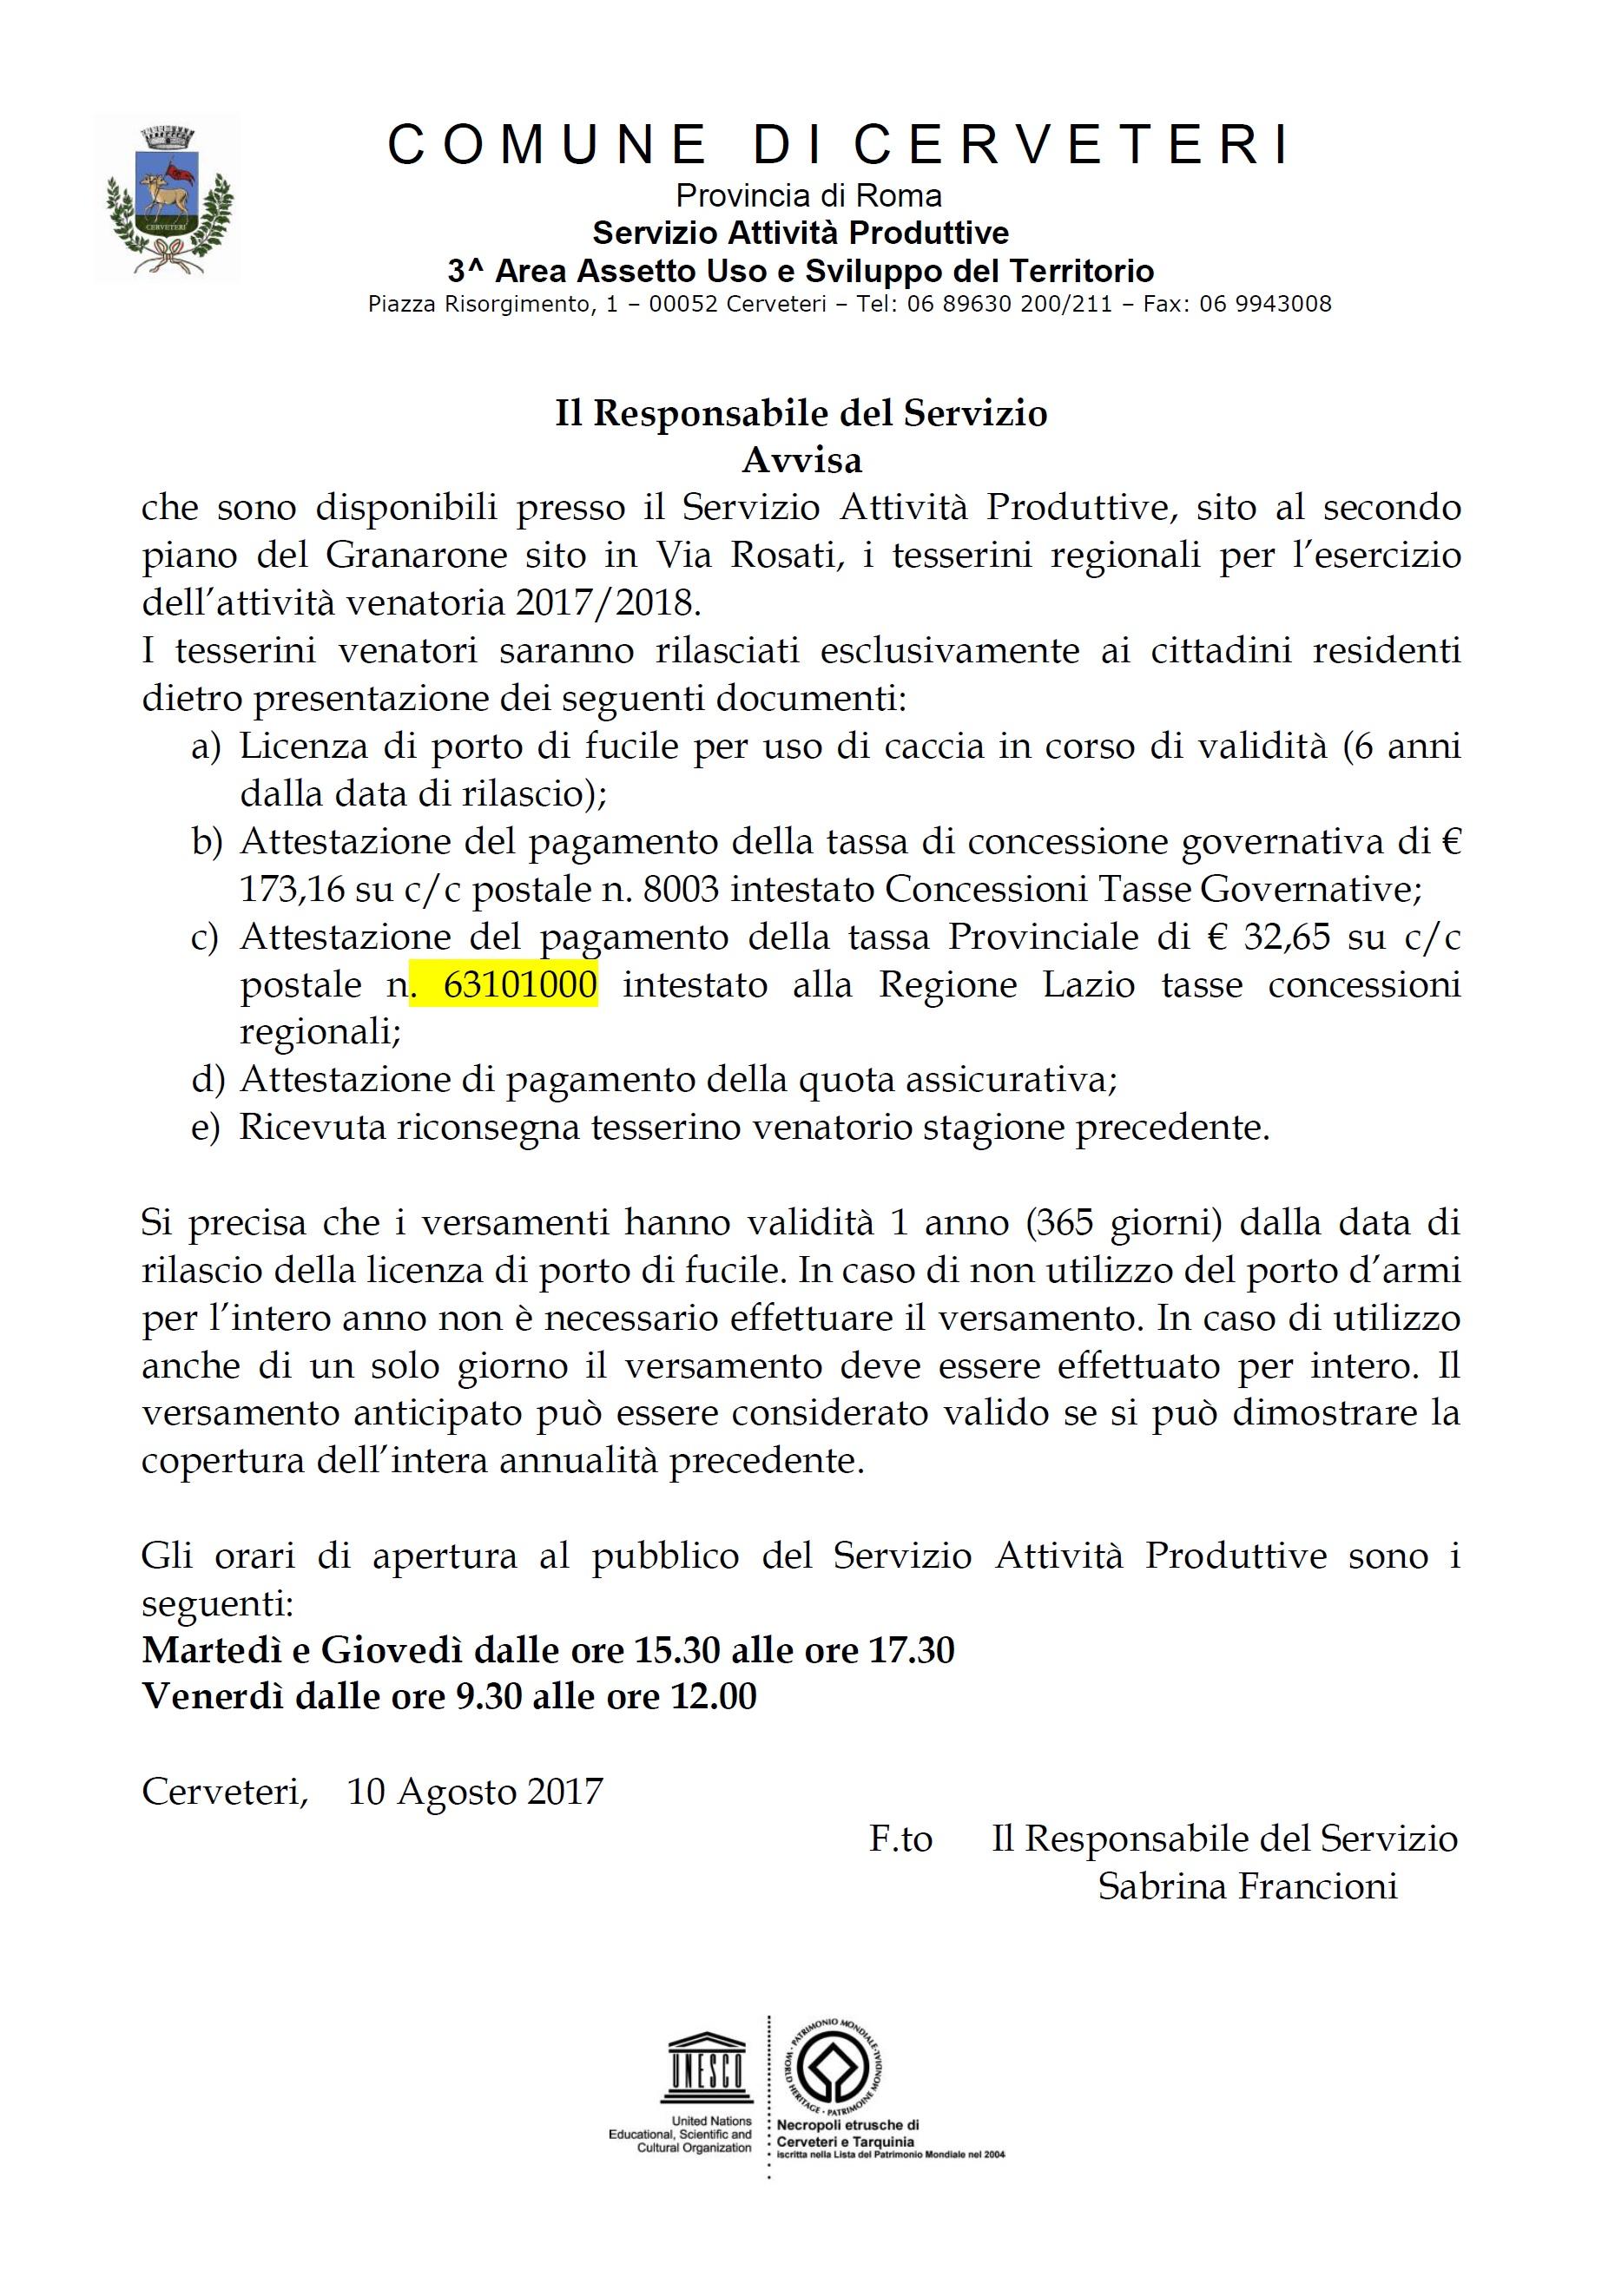 Servizio Attività Produttive: sono disponibili i TESSERINI REGIONALI per l' Attività Venatoria 2017/2018